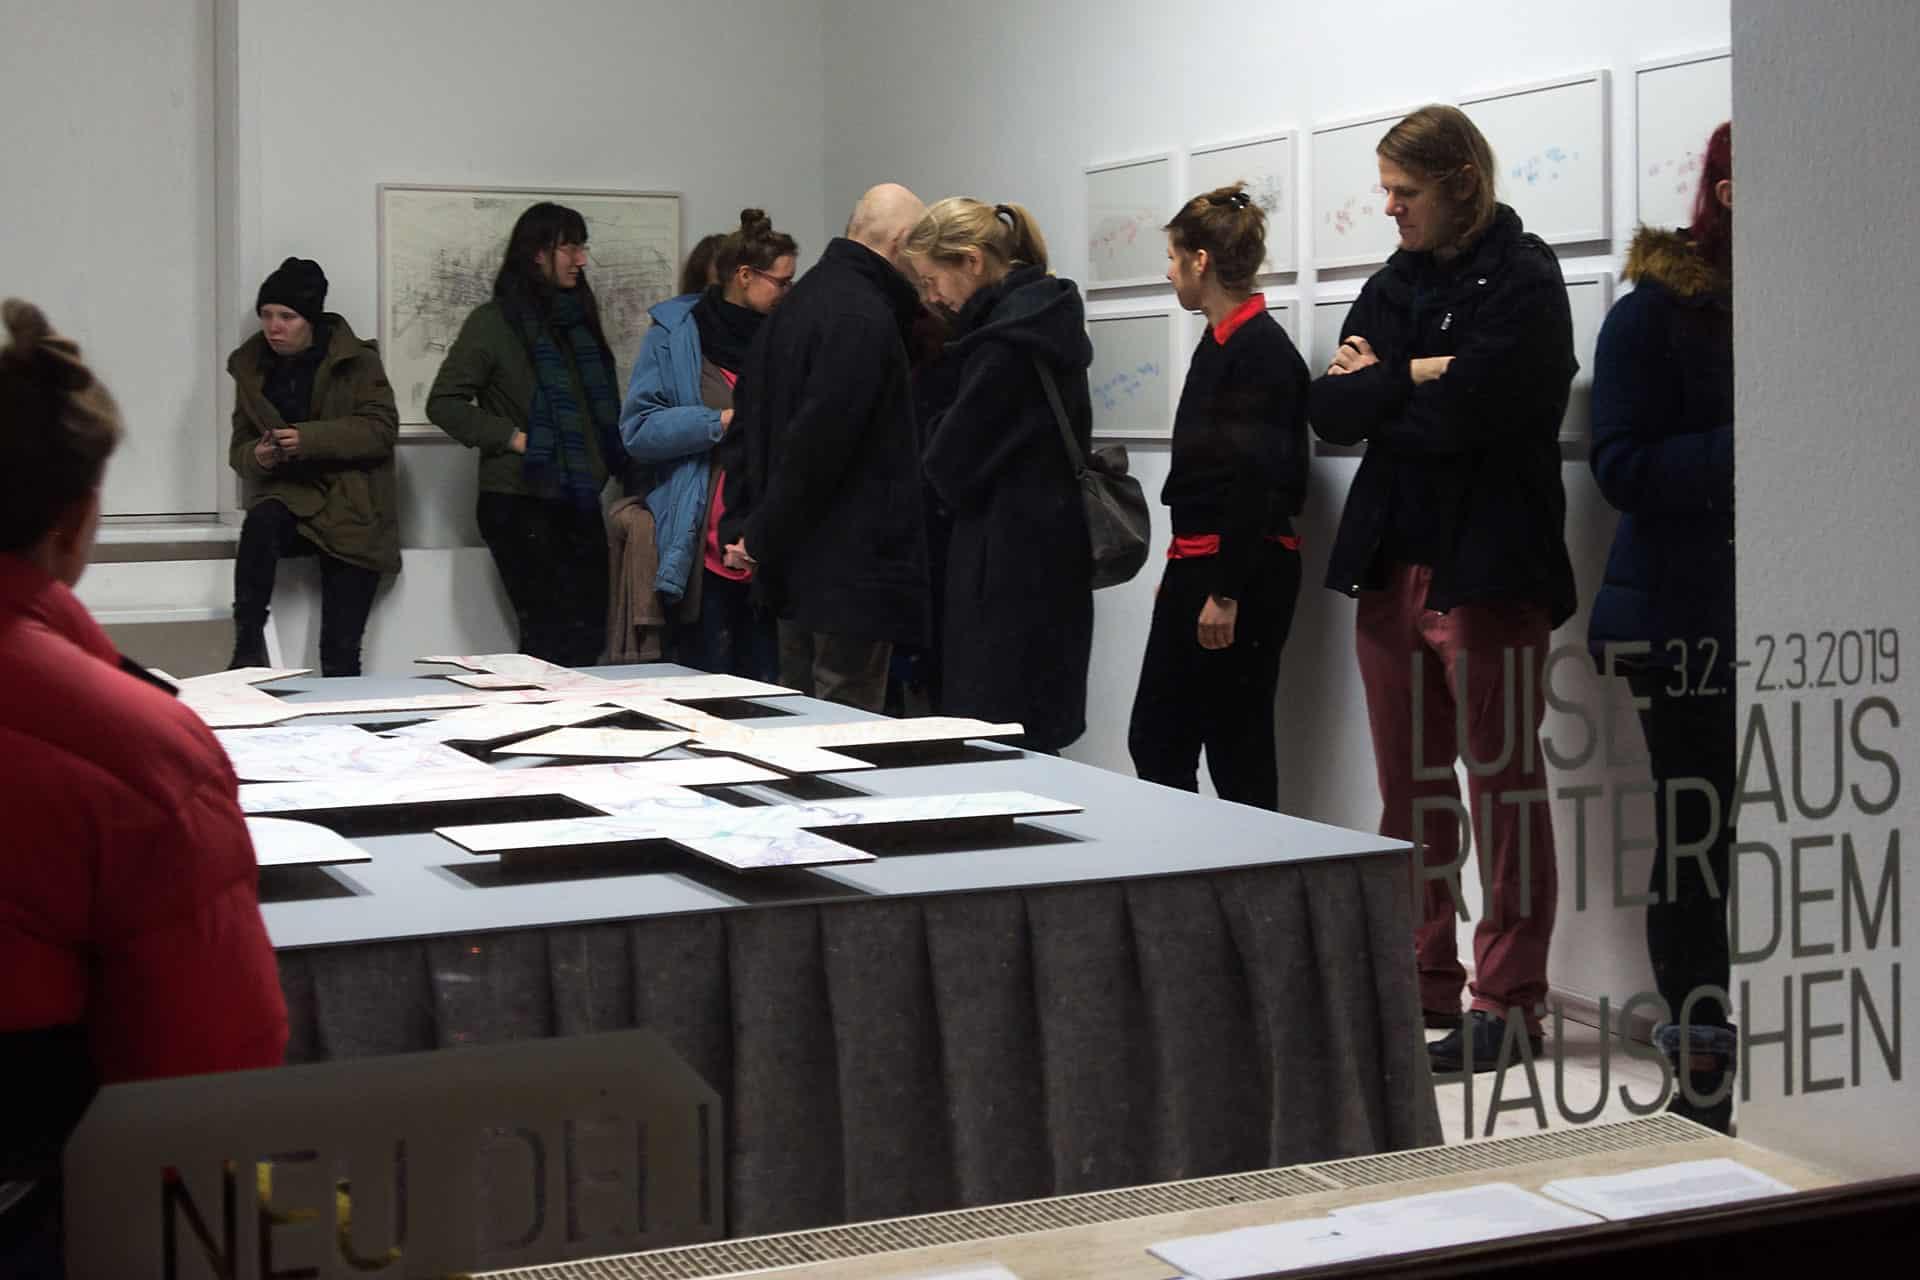 luise_ritter-kunstraum-neudeli-leipzig-ausstellung-zeichnung-2019-5